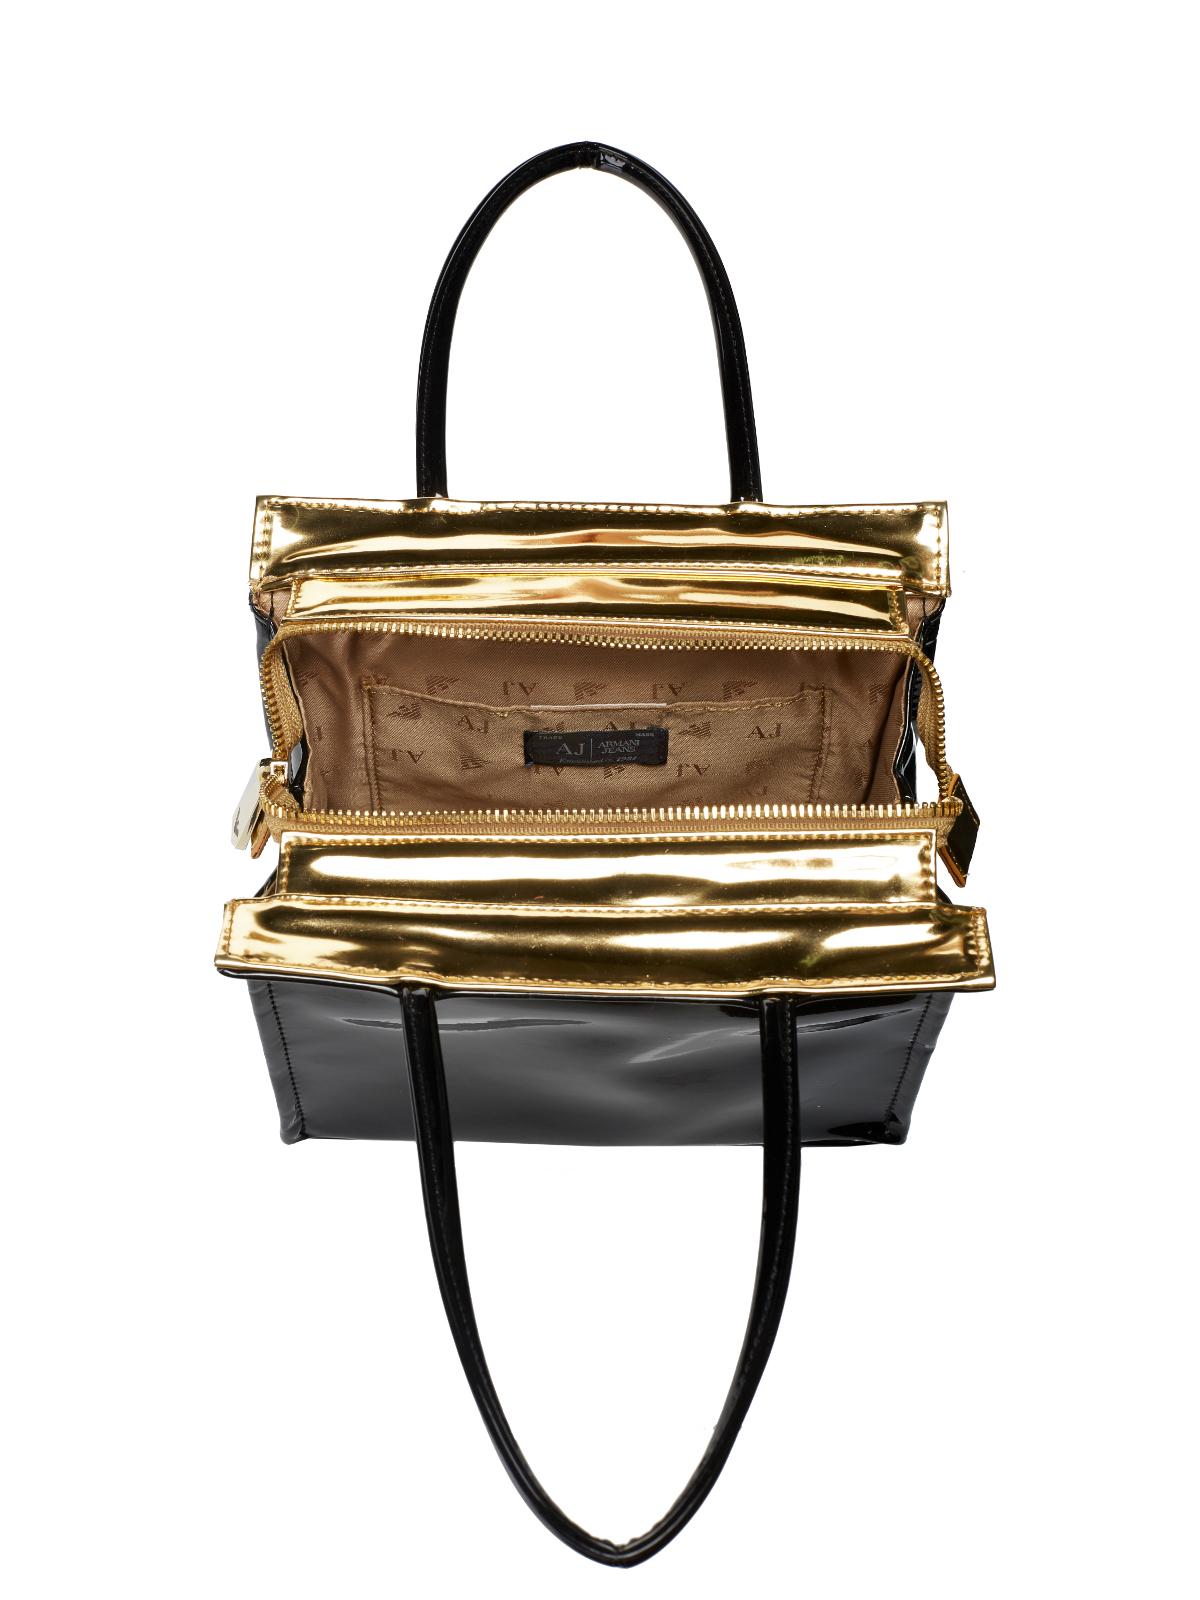 armani jeans tasche bag 922162 6a735 schwarz. Black Bedroom Furniture Sets. Home Design Ideas